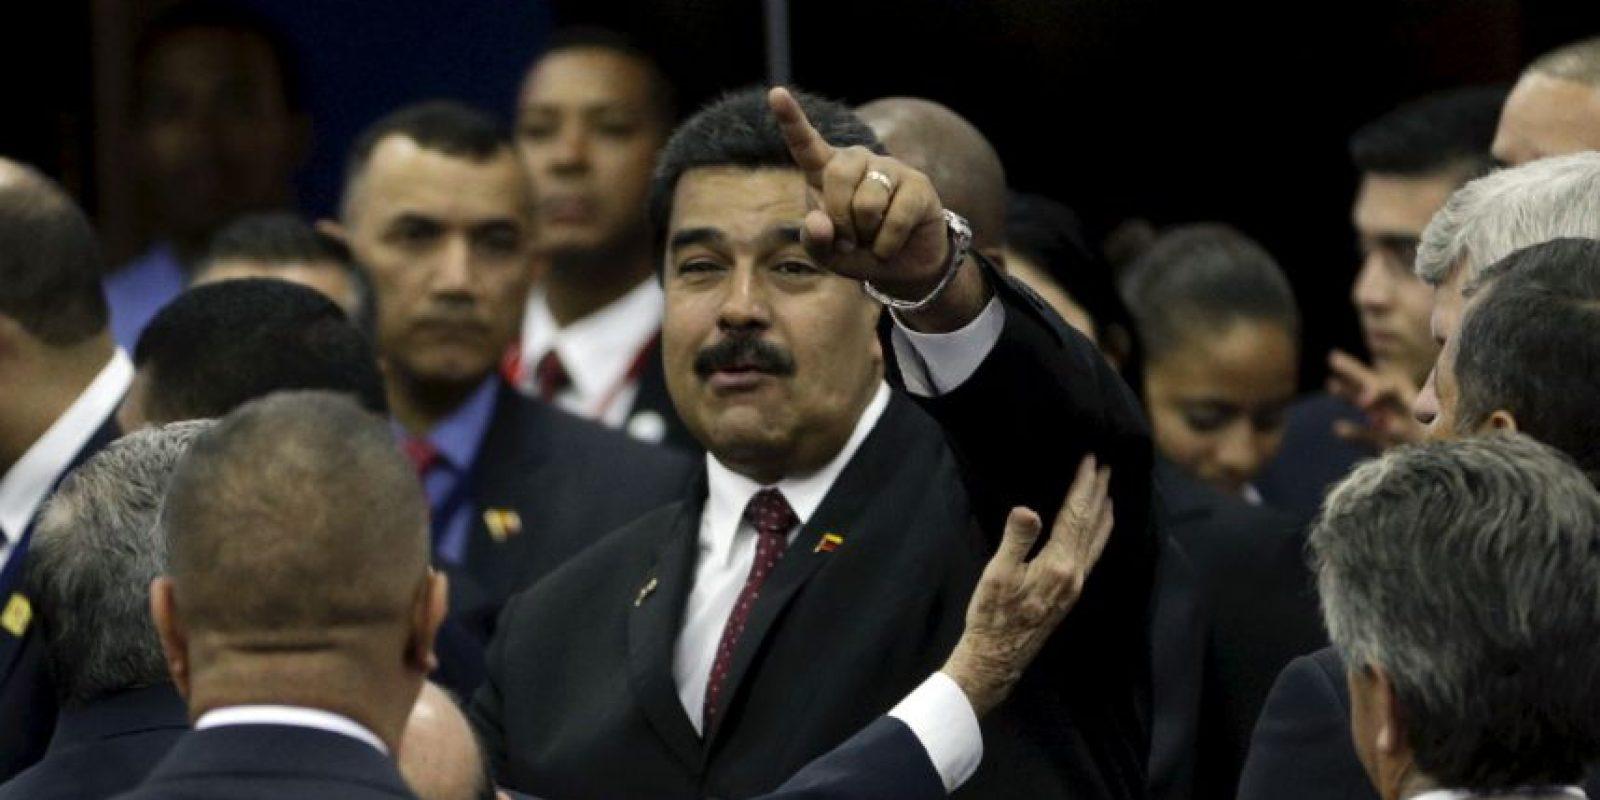 """La Asamblea Nacional venezolana respaldó la propuesta del presidente Nicolás Maduro de calificar al exmandatario del gobierno de España Felipe González persona """"non grata"""". Foto:AP"""